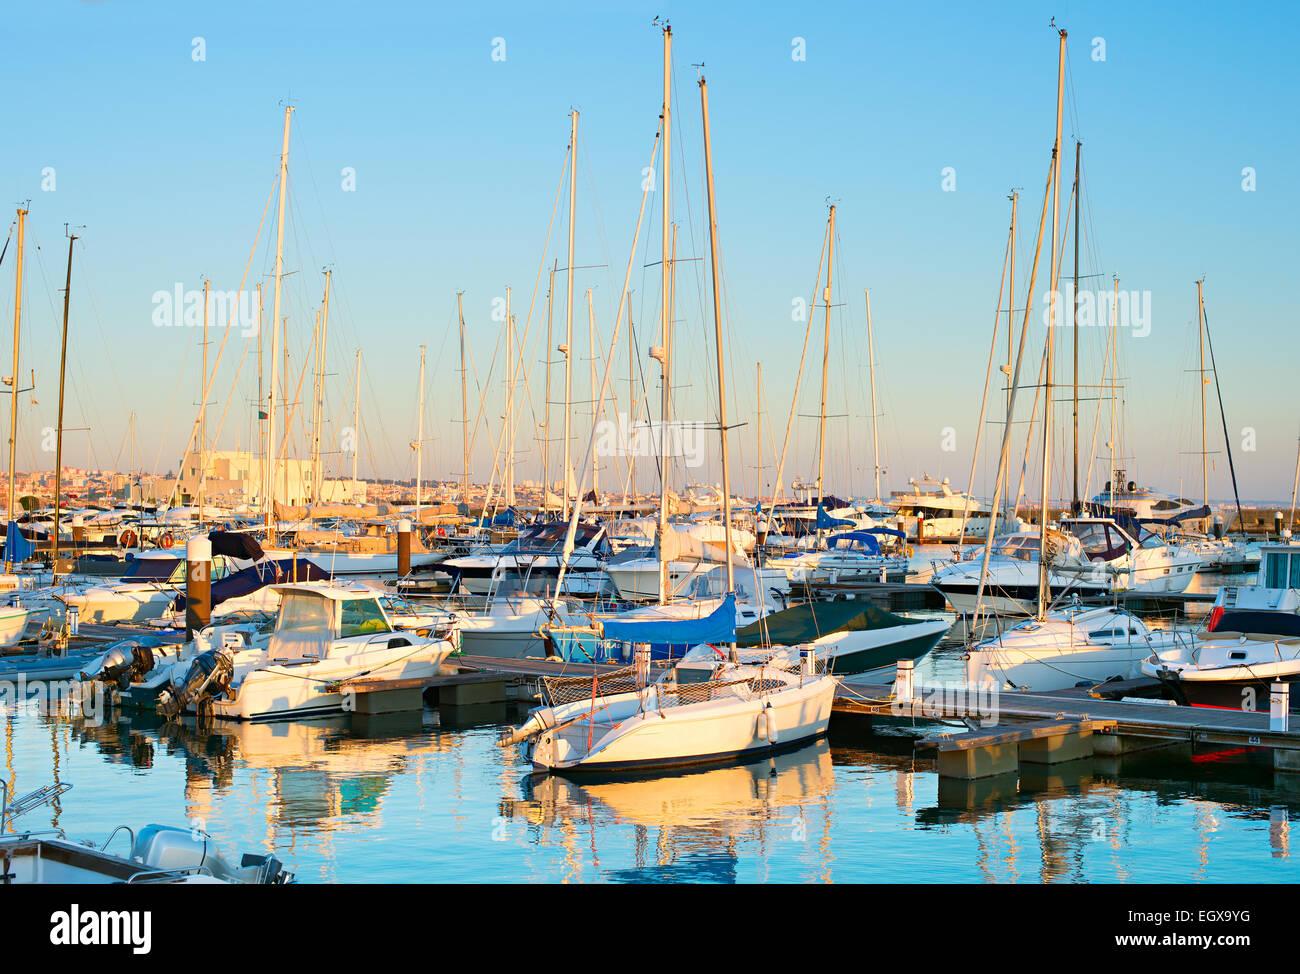 yachts-sail-boats-and-motorboats-in-mari